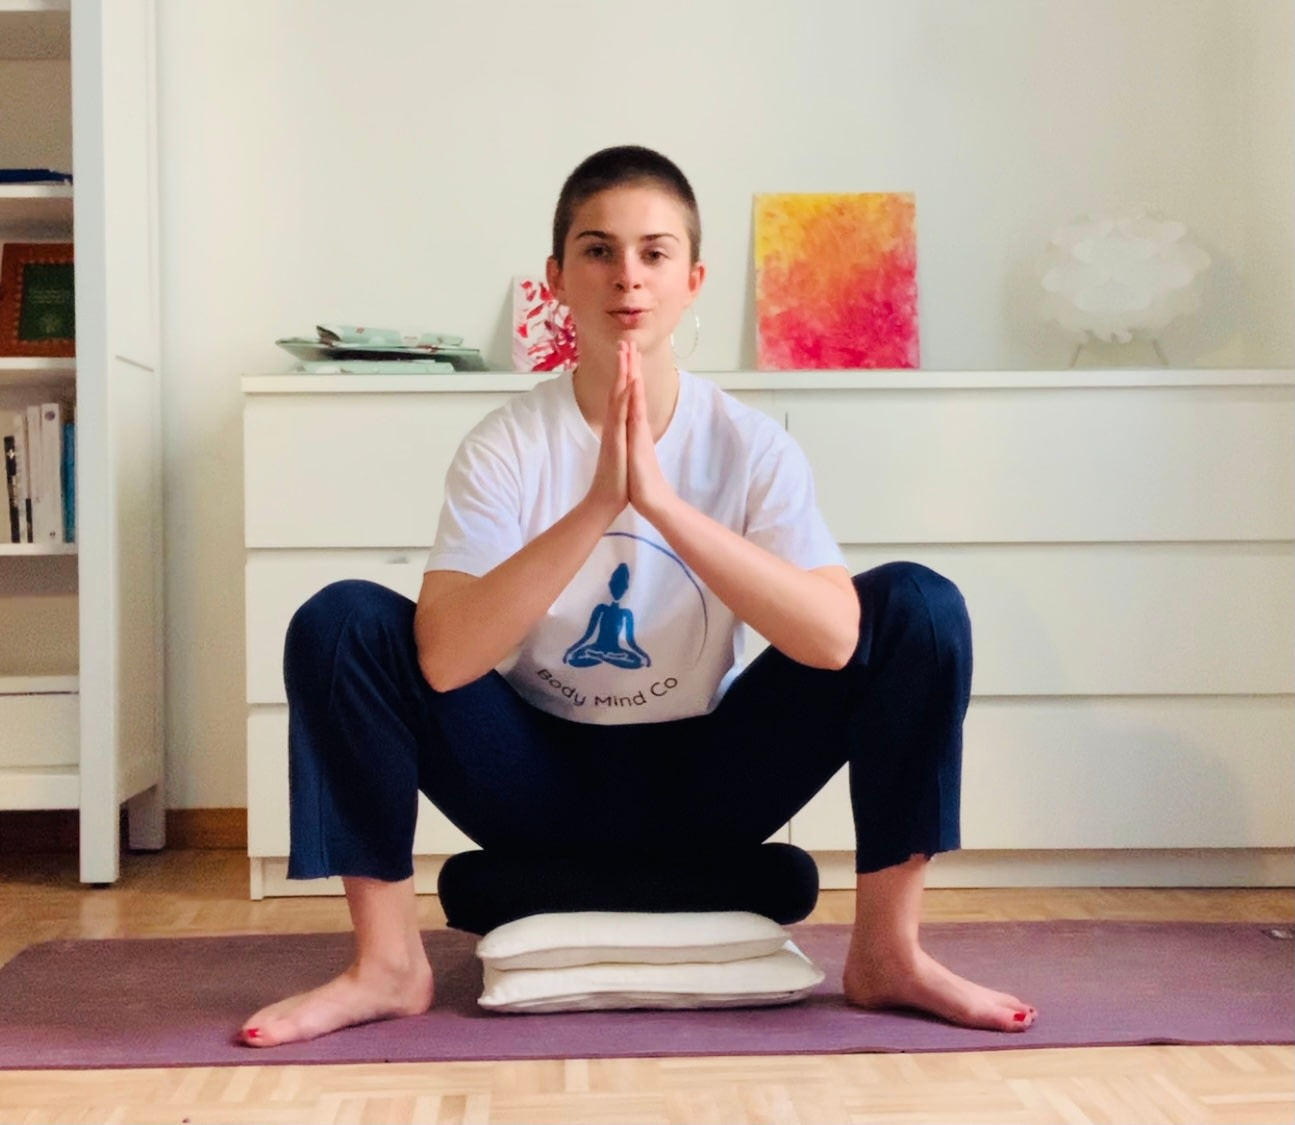 Gentle private yoga